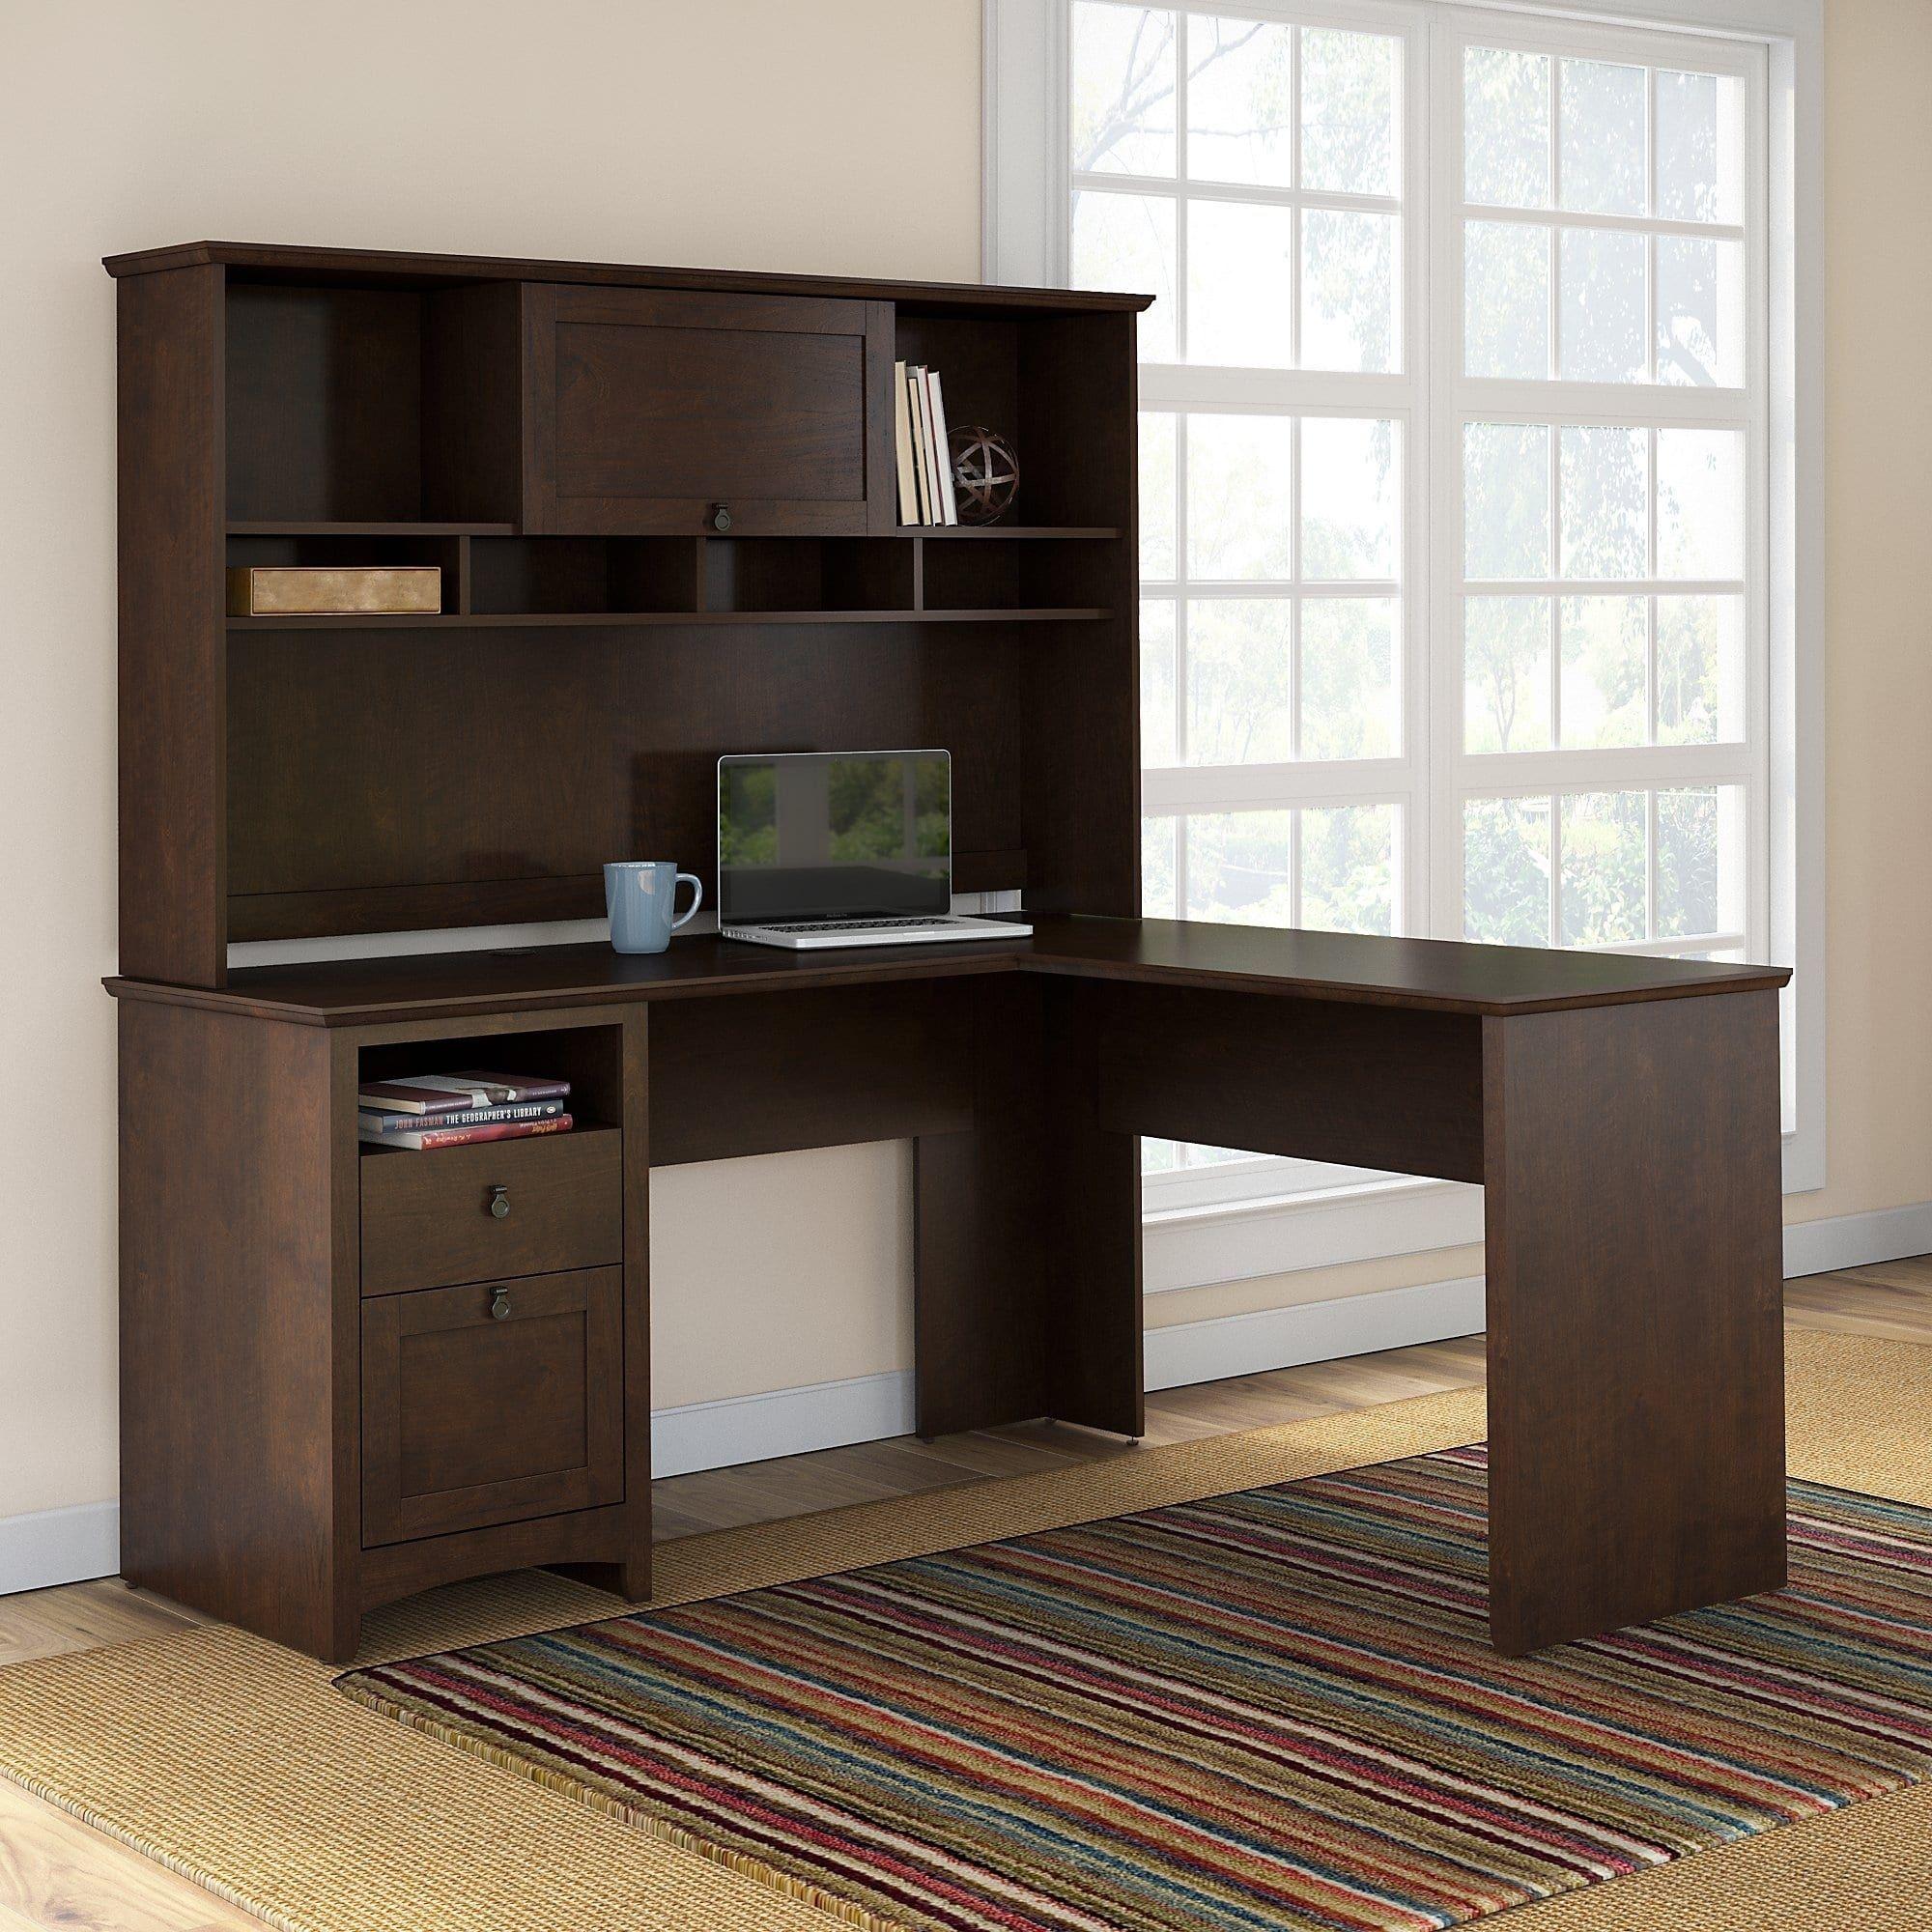 Bush furniture buena vista l shaped desk with hutch in madison